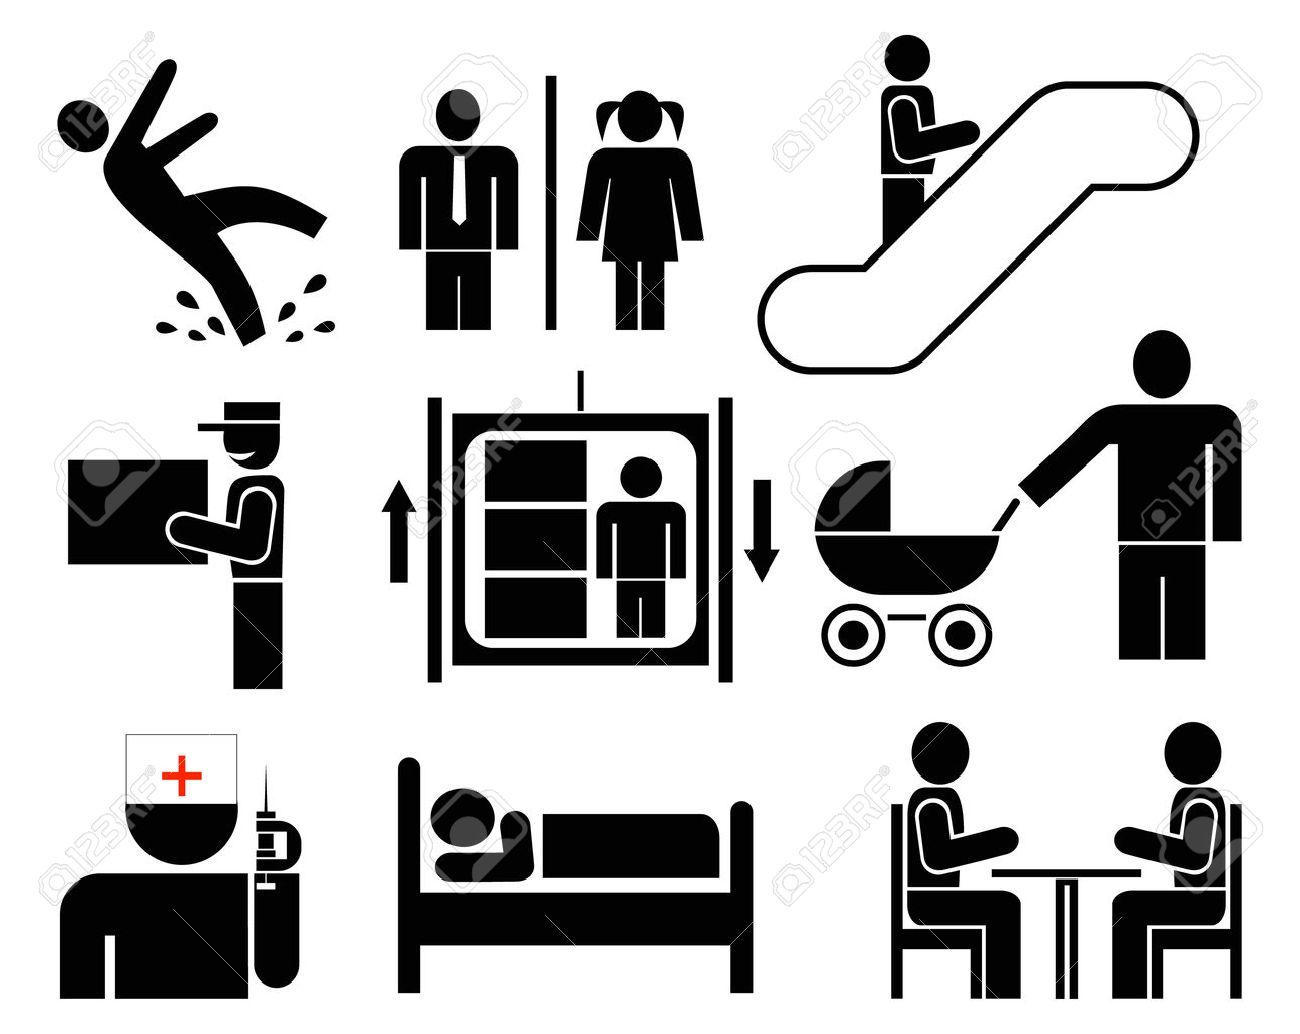 people jeu d icones vectorielles pictogrammes noirs sur fond blanc attention sol mouille toilettes ascenseur escalator livraison cafe